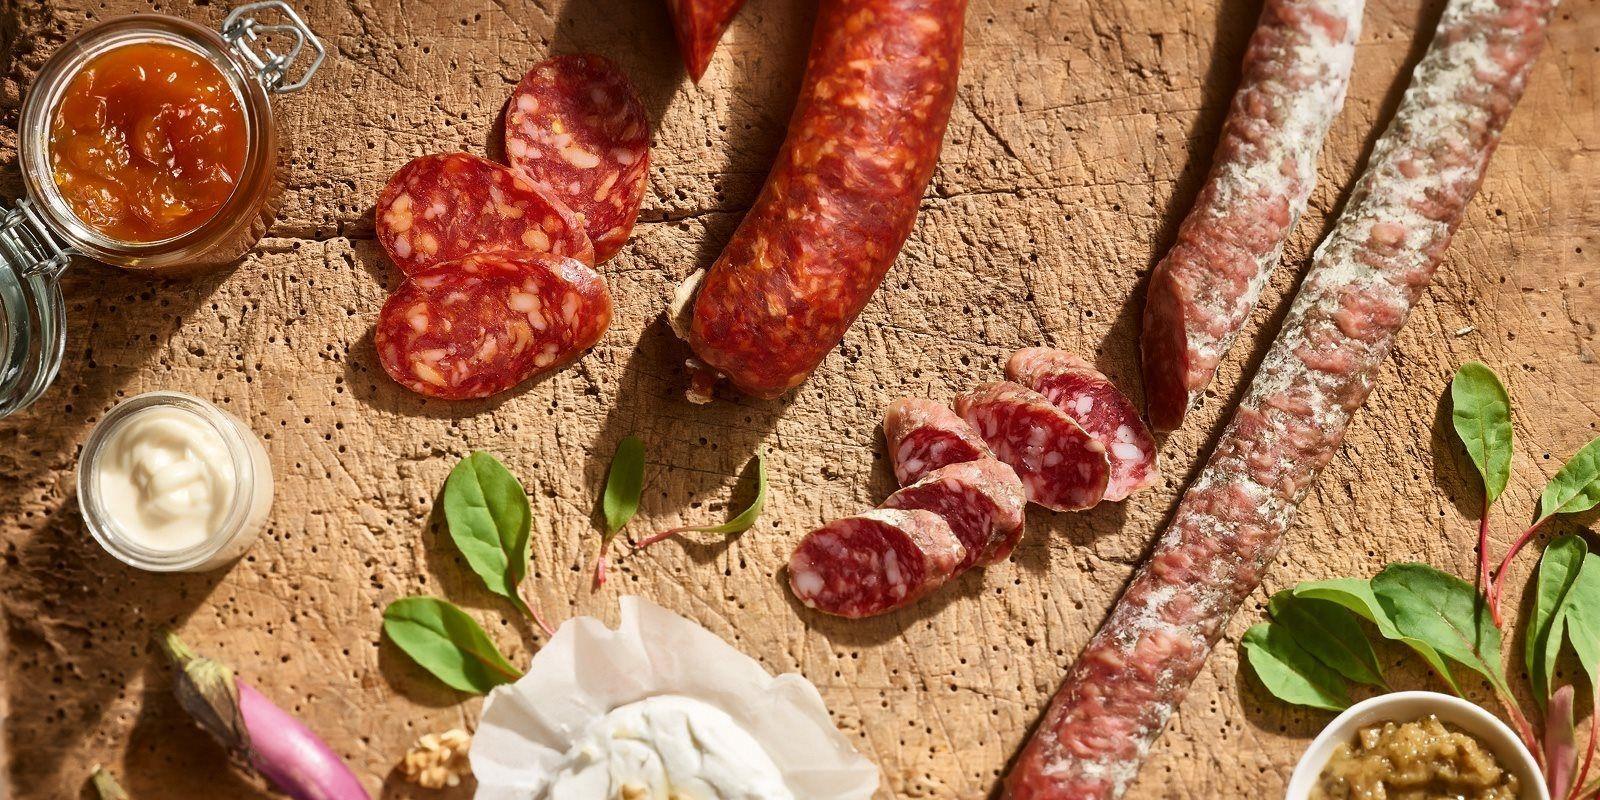 levoni_emozionale_ricette_tagliere_dolce-piccante